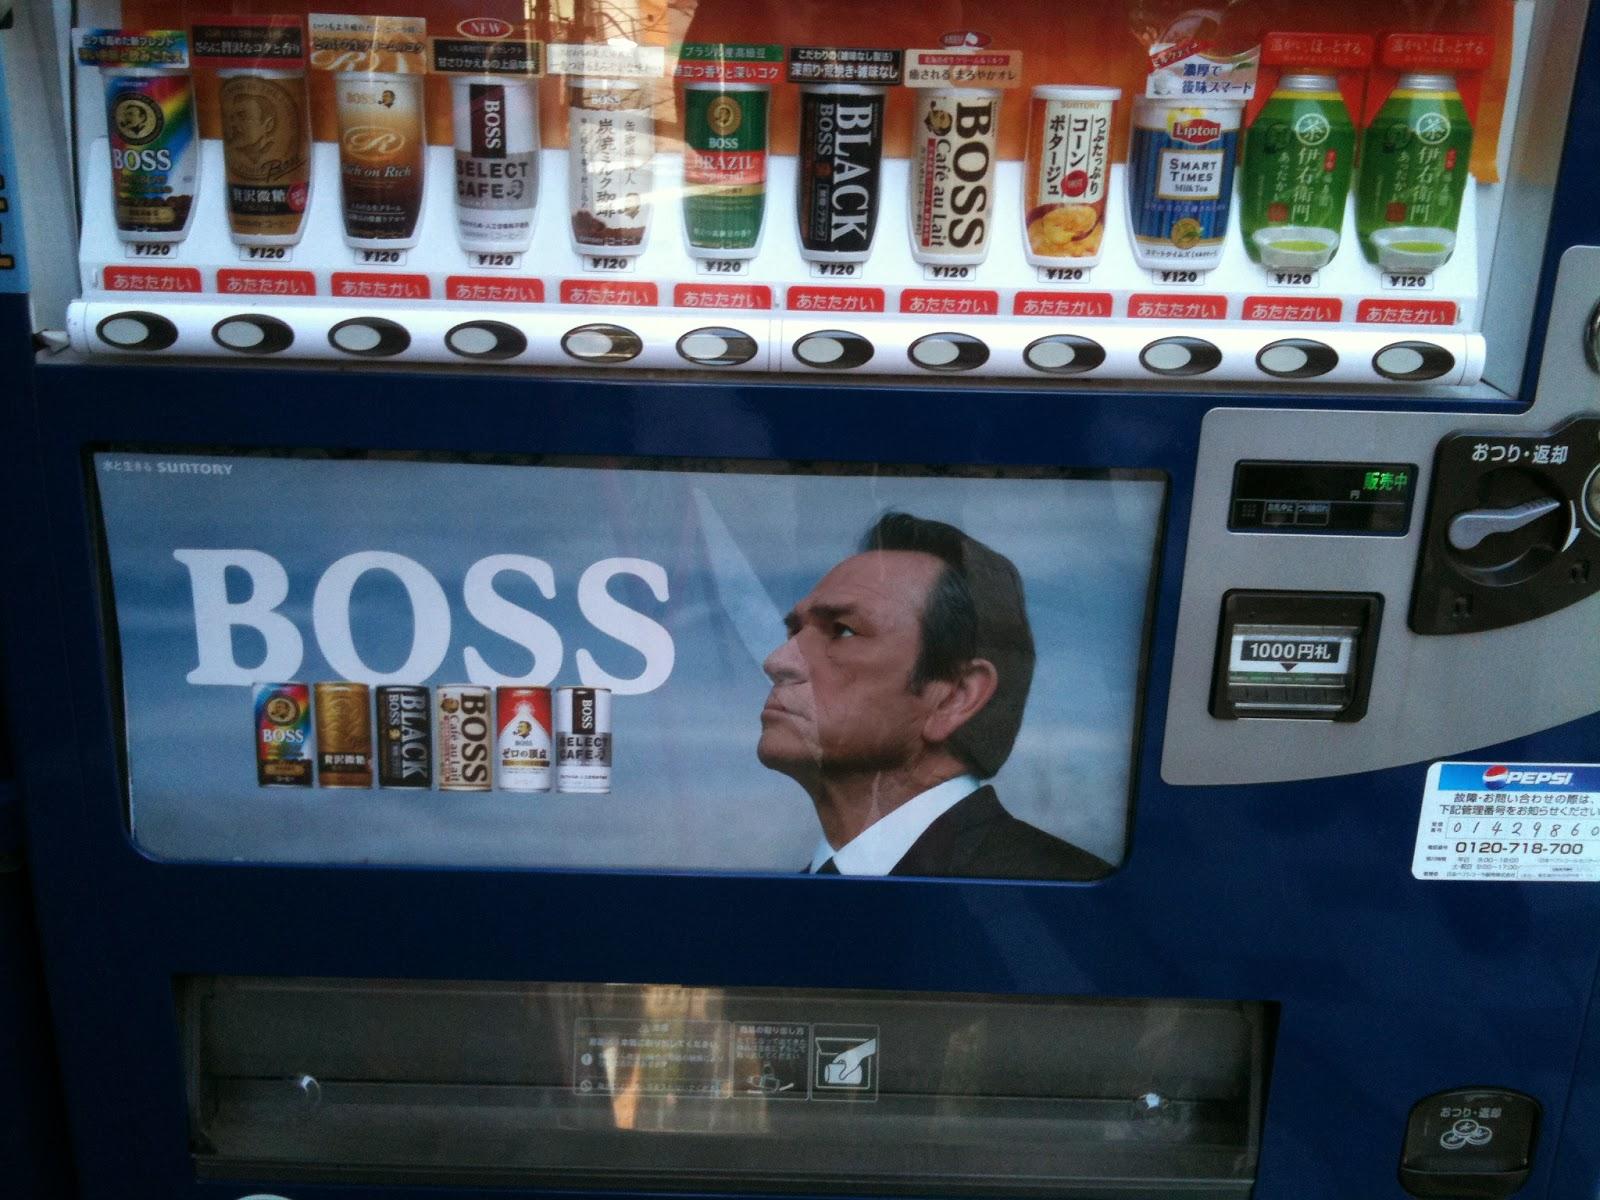 Tokyo - Tommy Lee Jones, like a boss